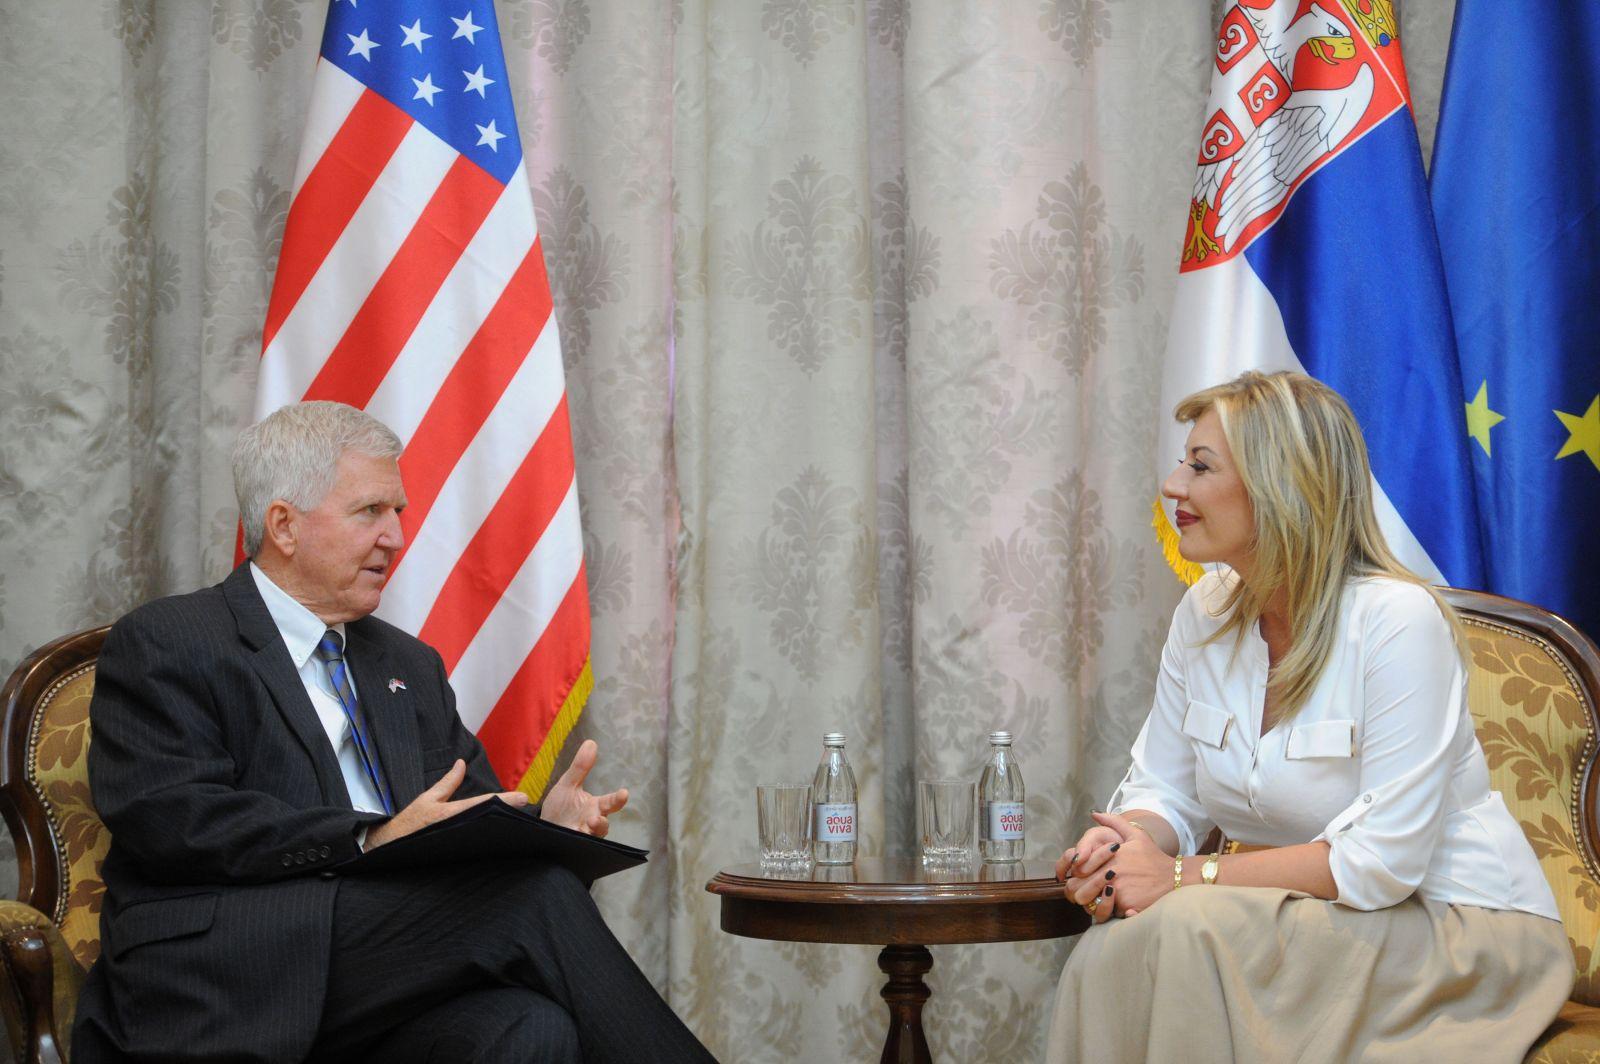 Ј. Јоксимовић и Скат: САД ће наставити да подржавају европске интеграције Србије